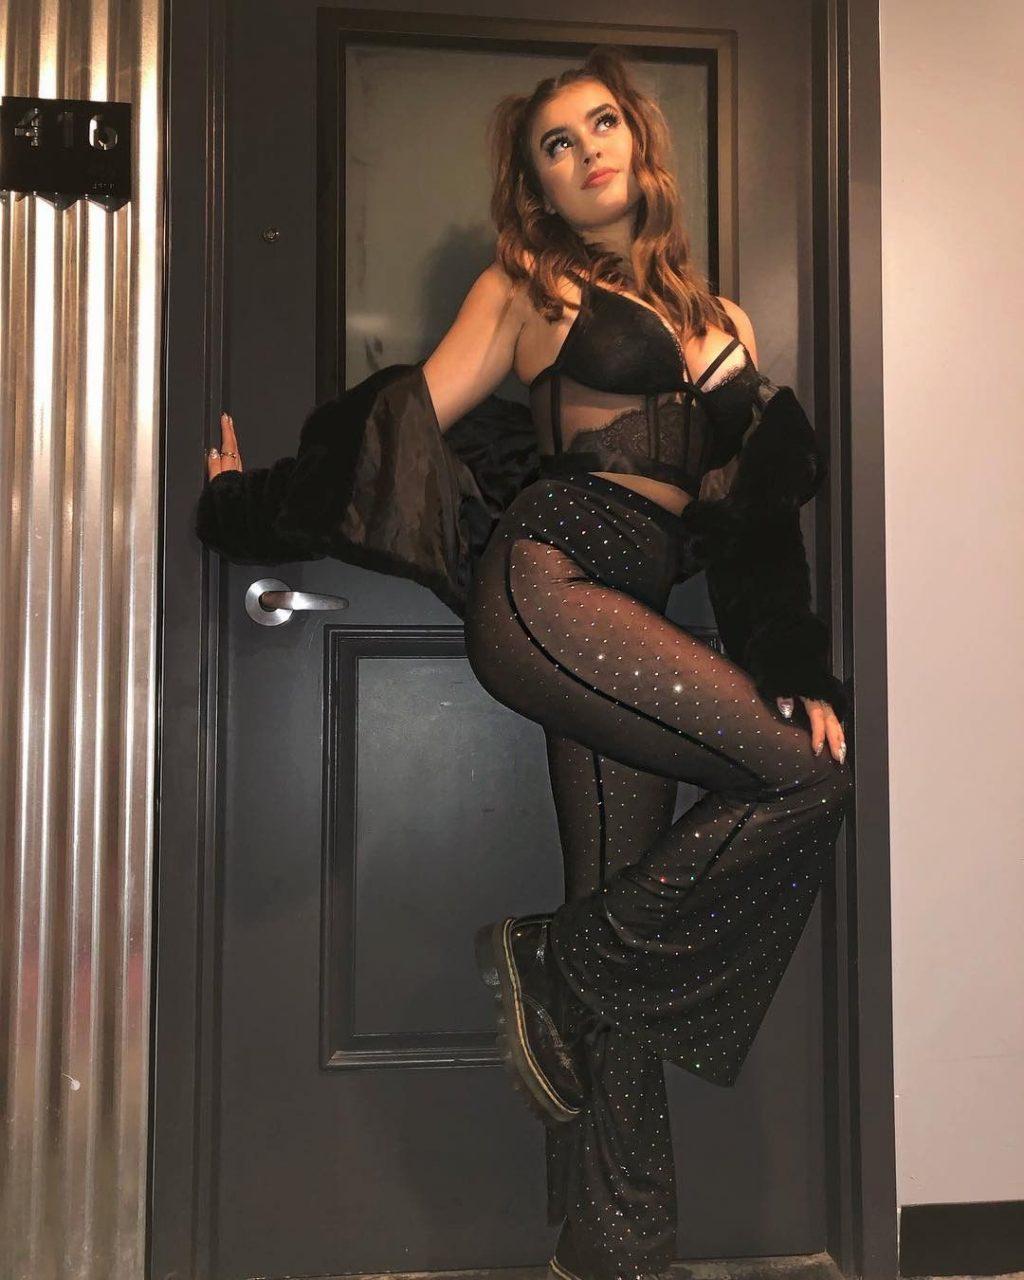 Kalani Hilliker Sexy (91 Photos)